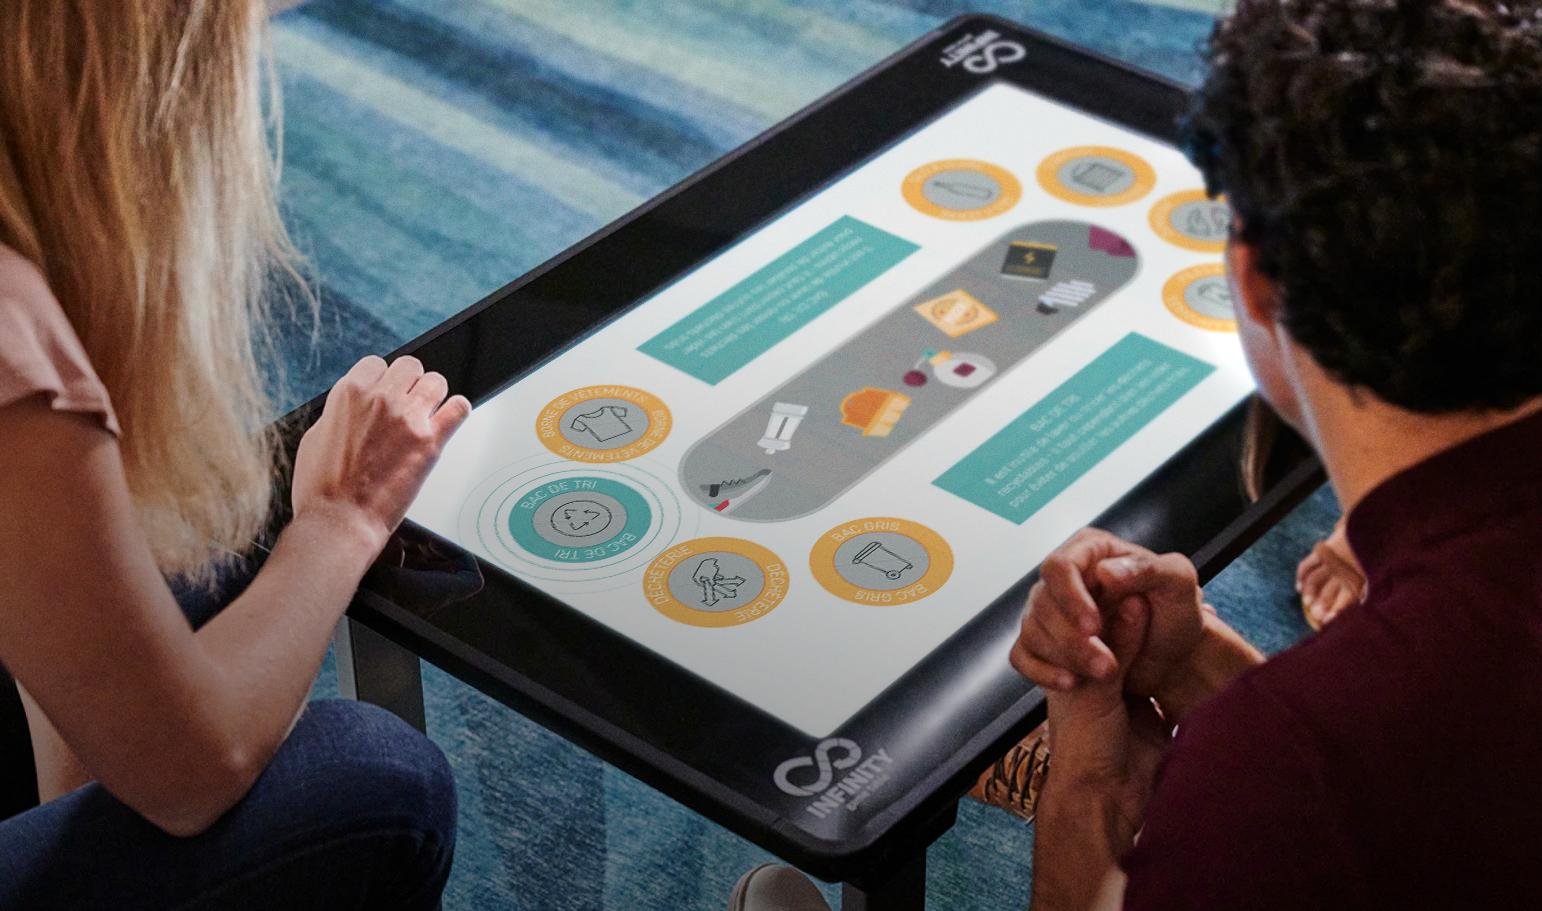 projet de gamification d'une visite pédagogique, SUEZ, outils multimédias réalisés par Dowino